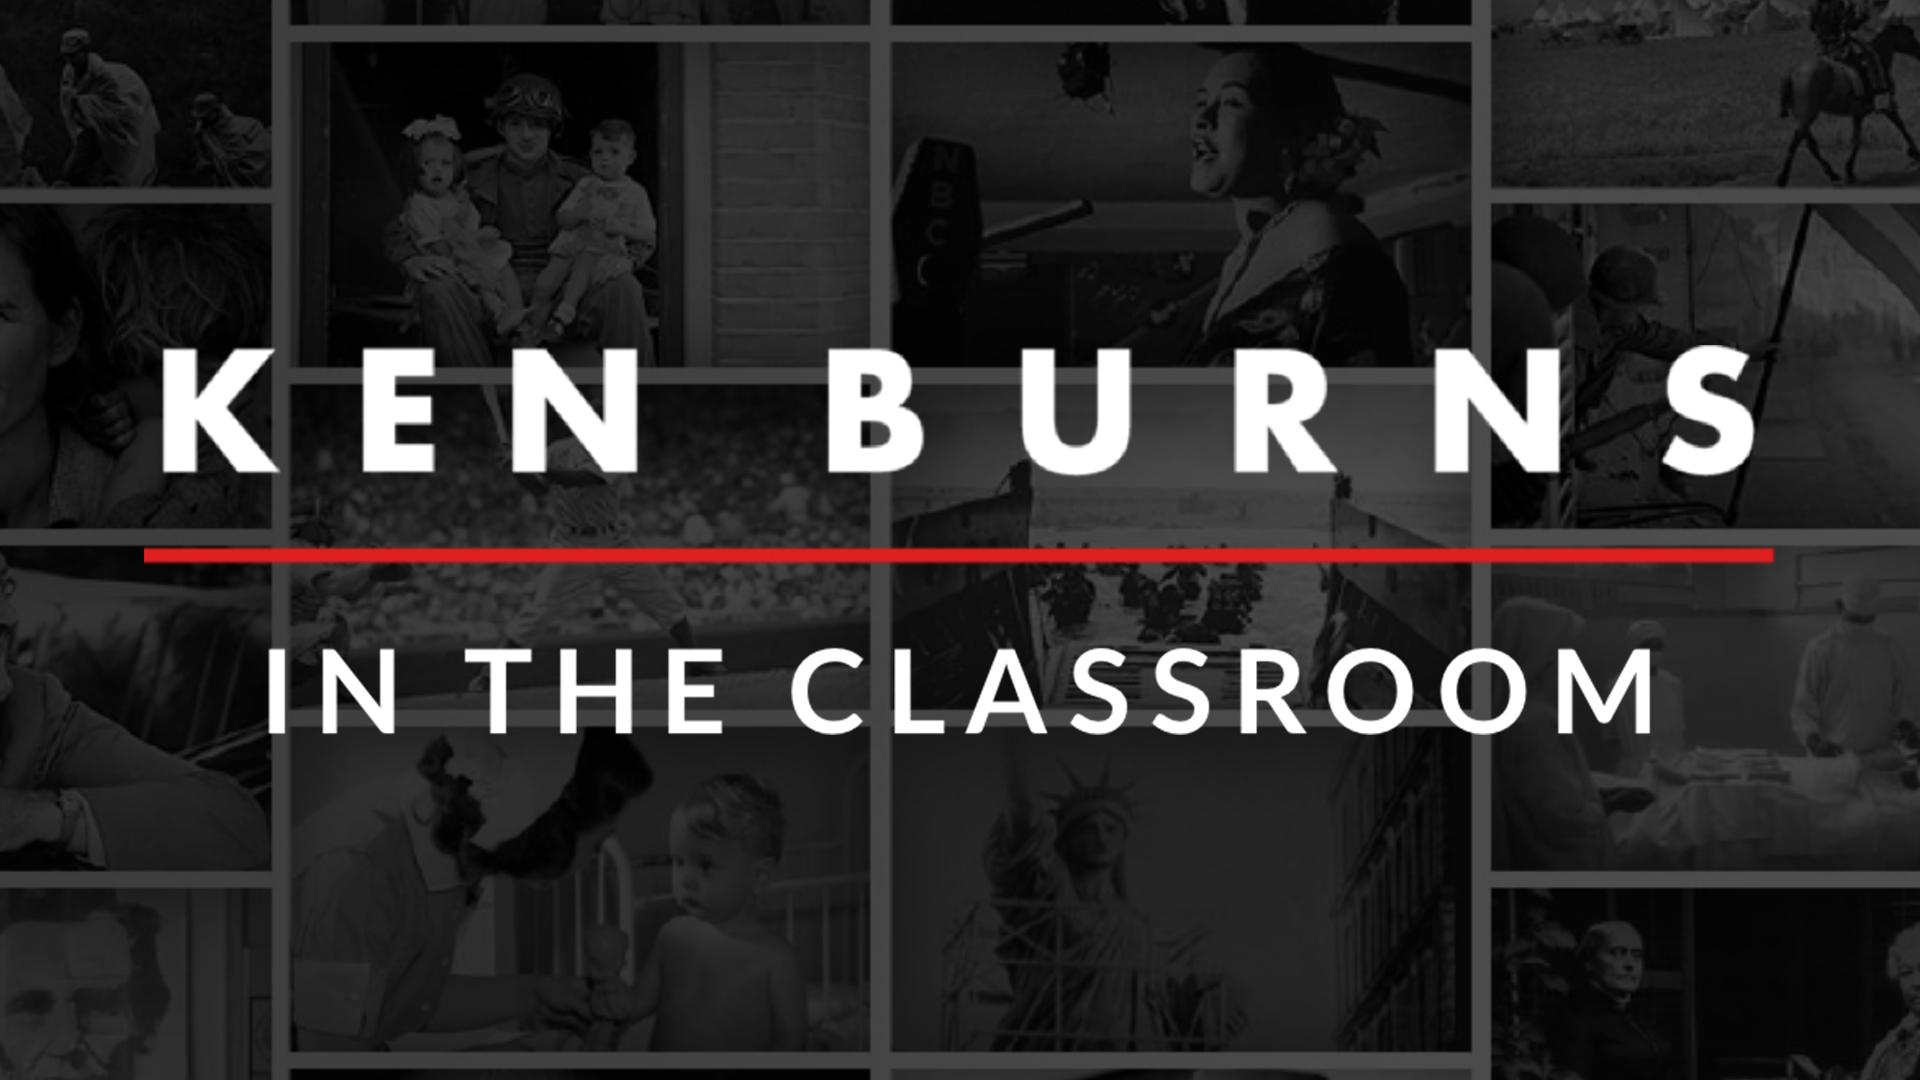 Ken Burns in the Classroom